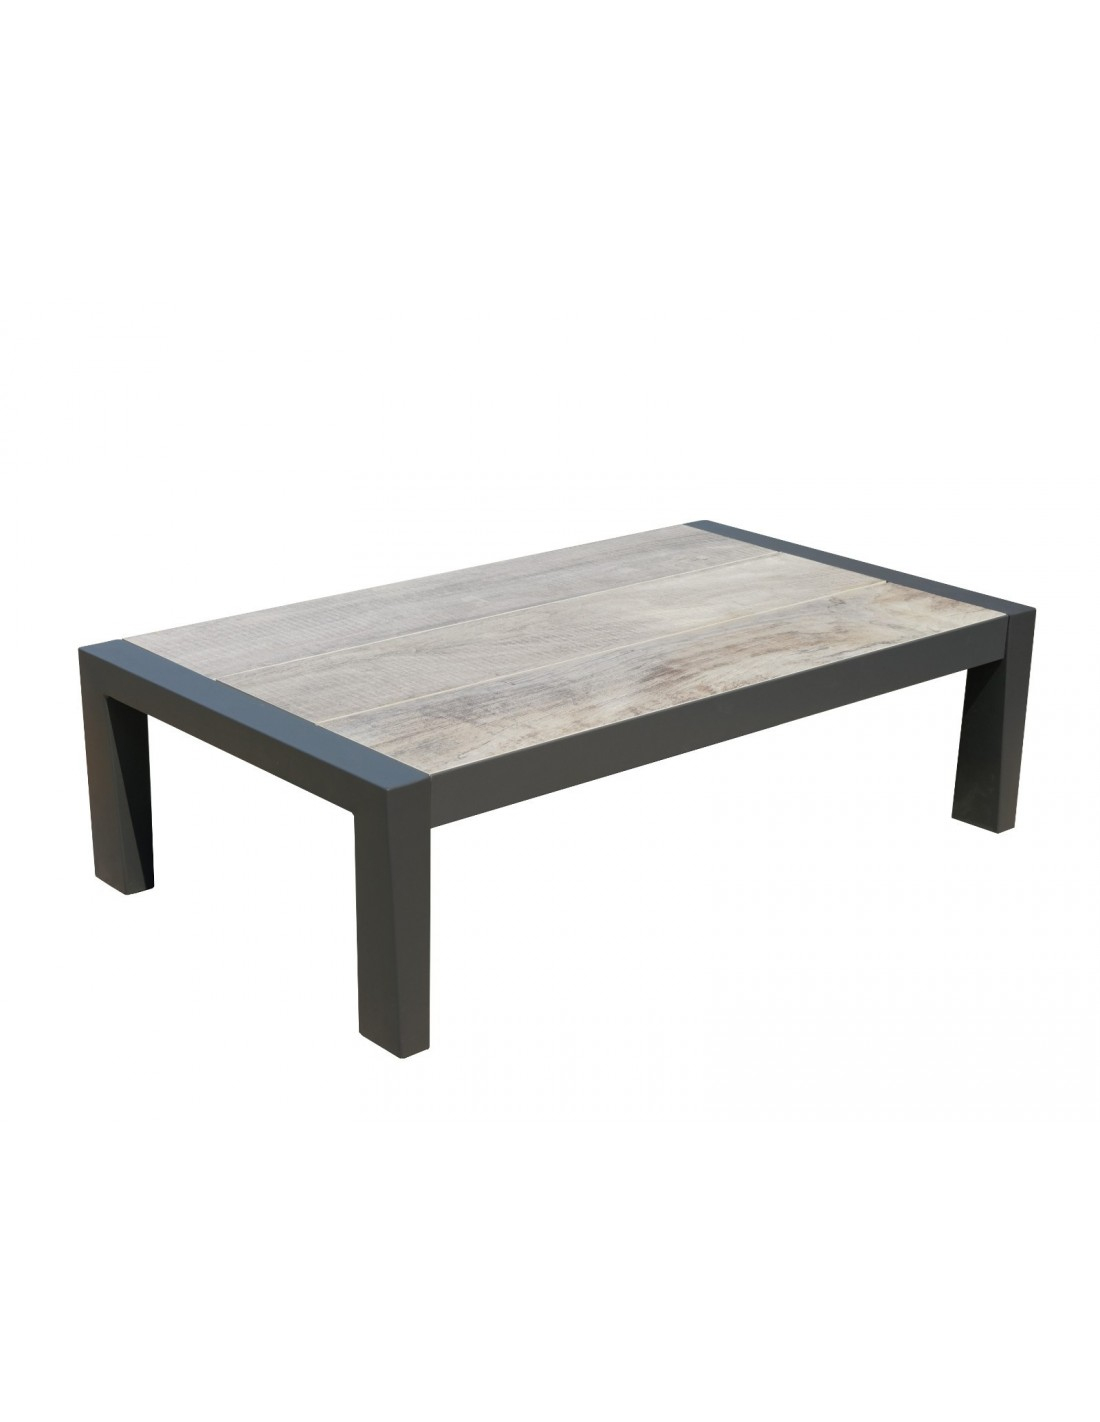 Table Basse Koi Aluminium Et Plateau Céramique Grise - Les Jardins serapportantà Table Jardin Ceramique